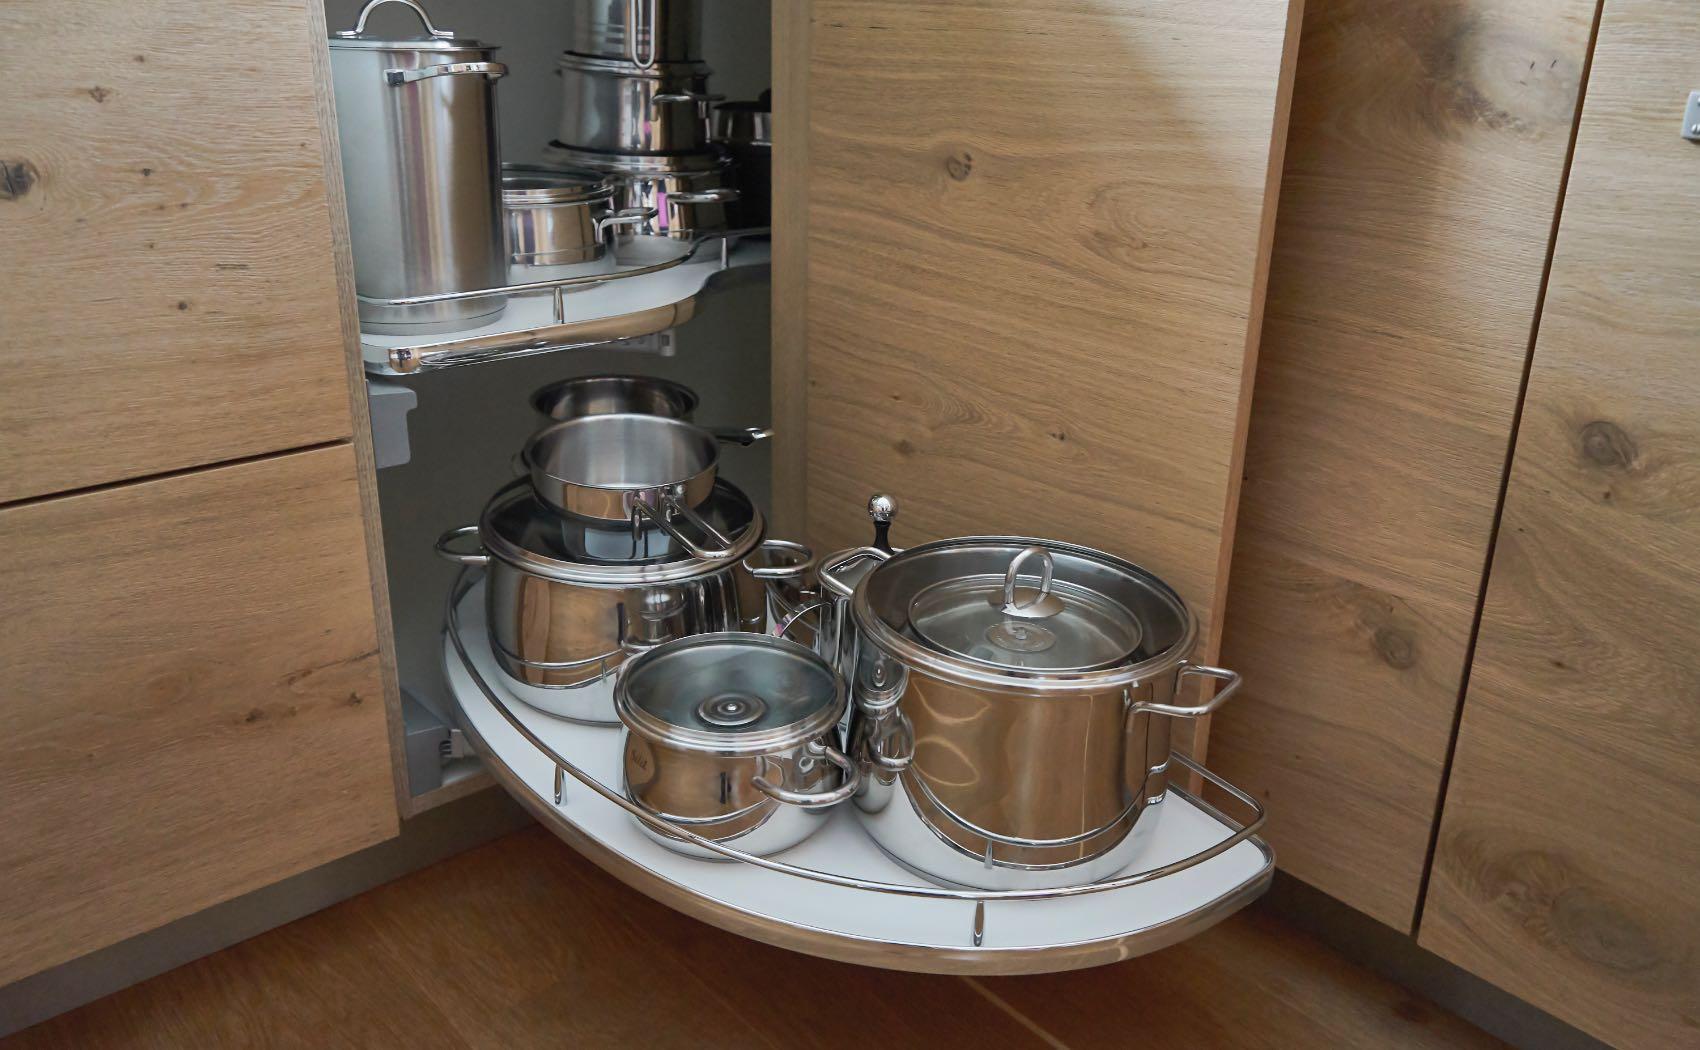 Topfkarussell in Einbauküche